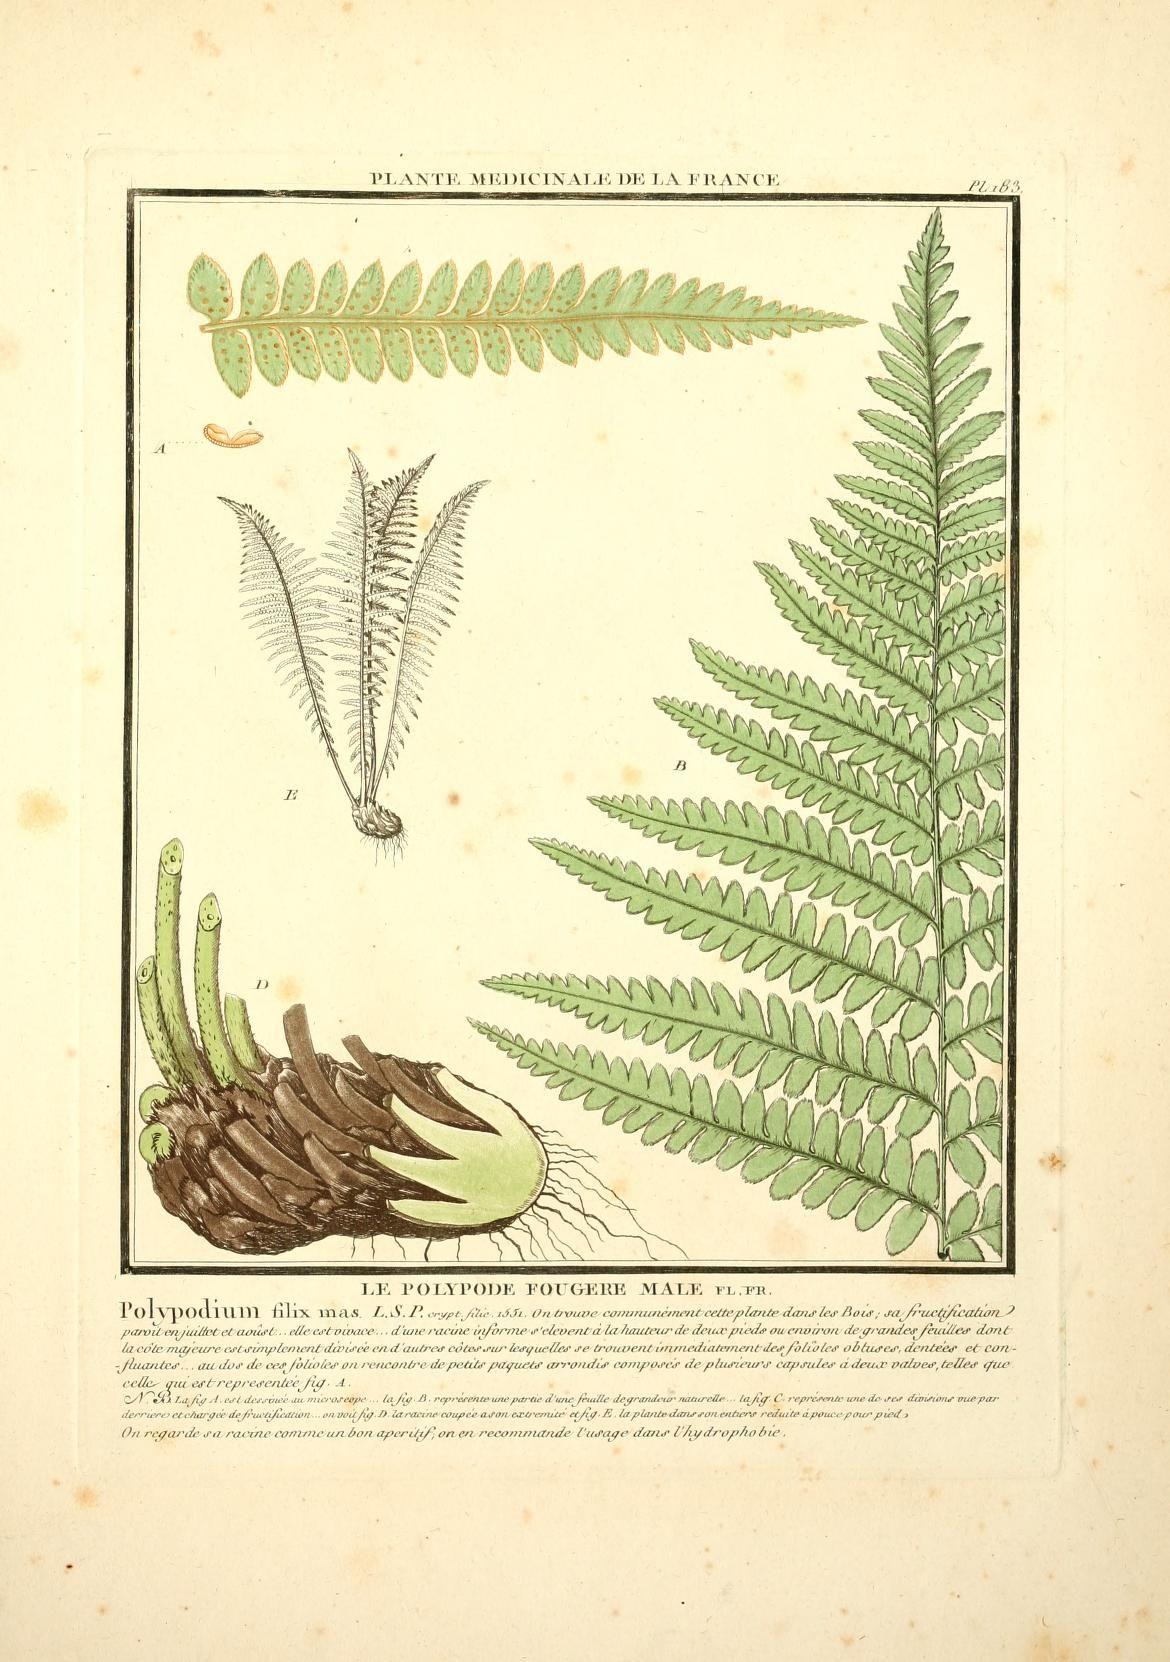 Herbier de la France, 1780